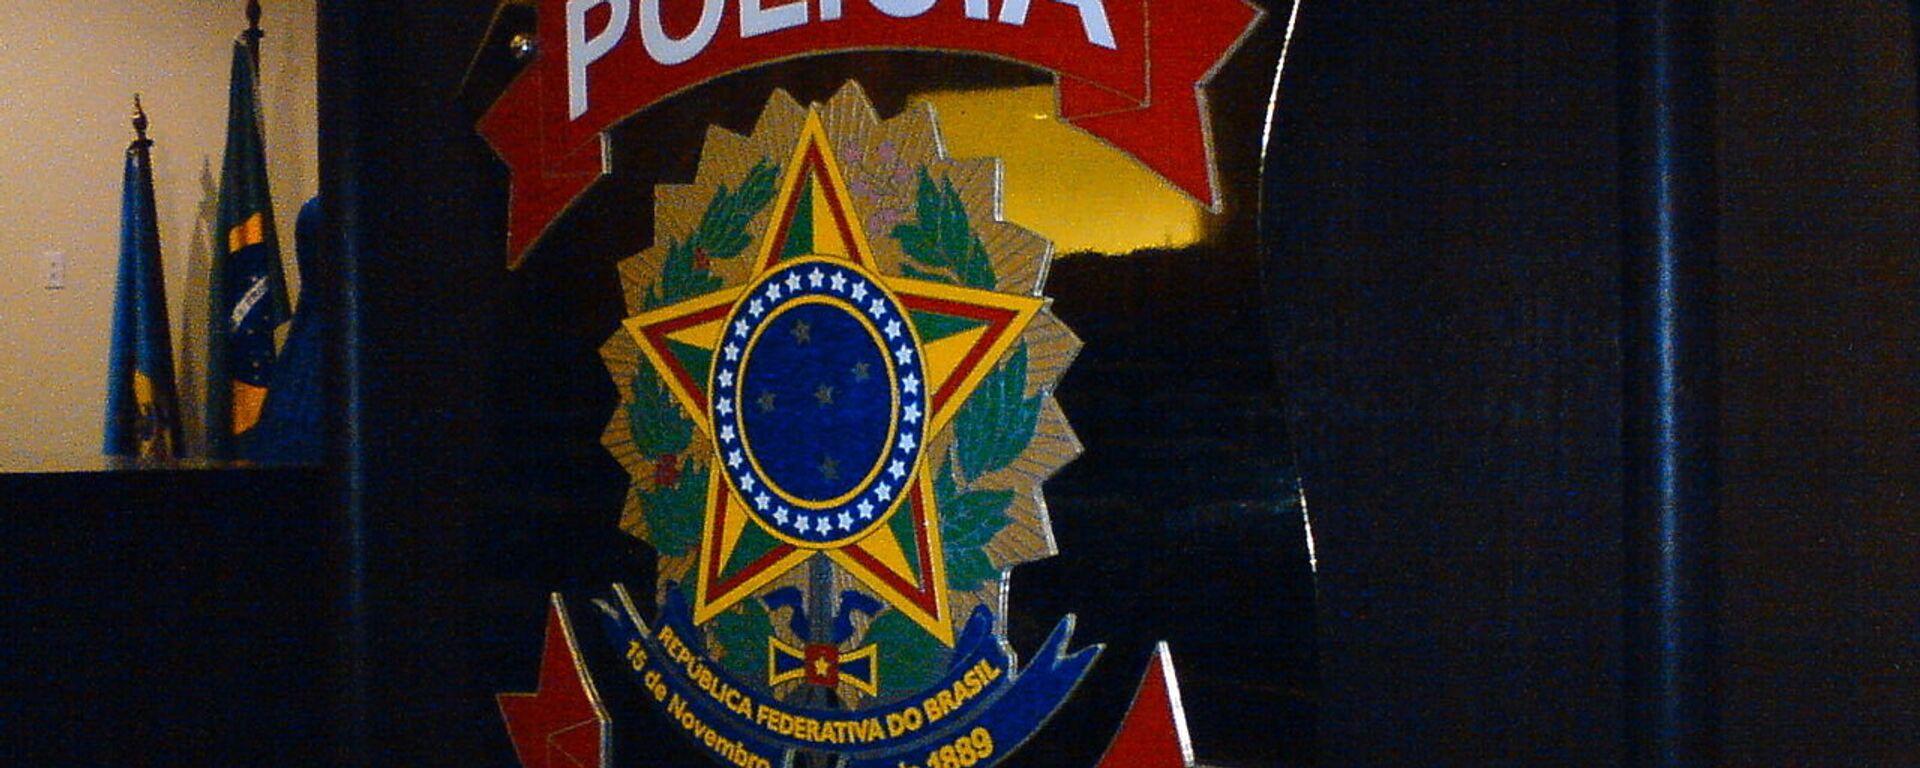 Policía Federal de Brasil - Sputnik Mundo, 1920, 06.04.2021